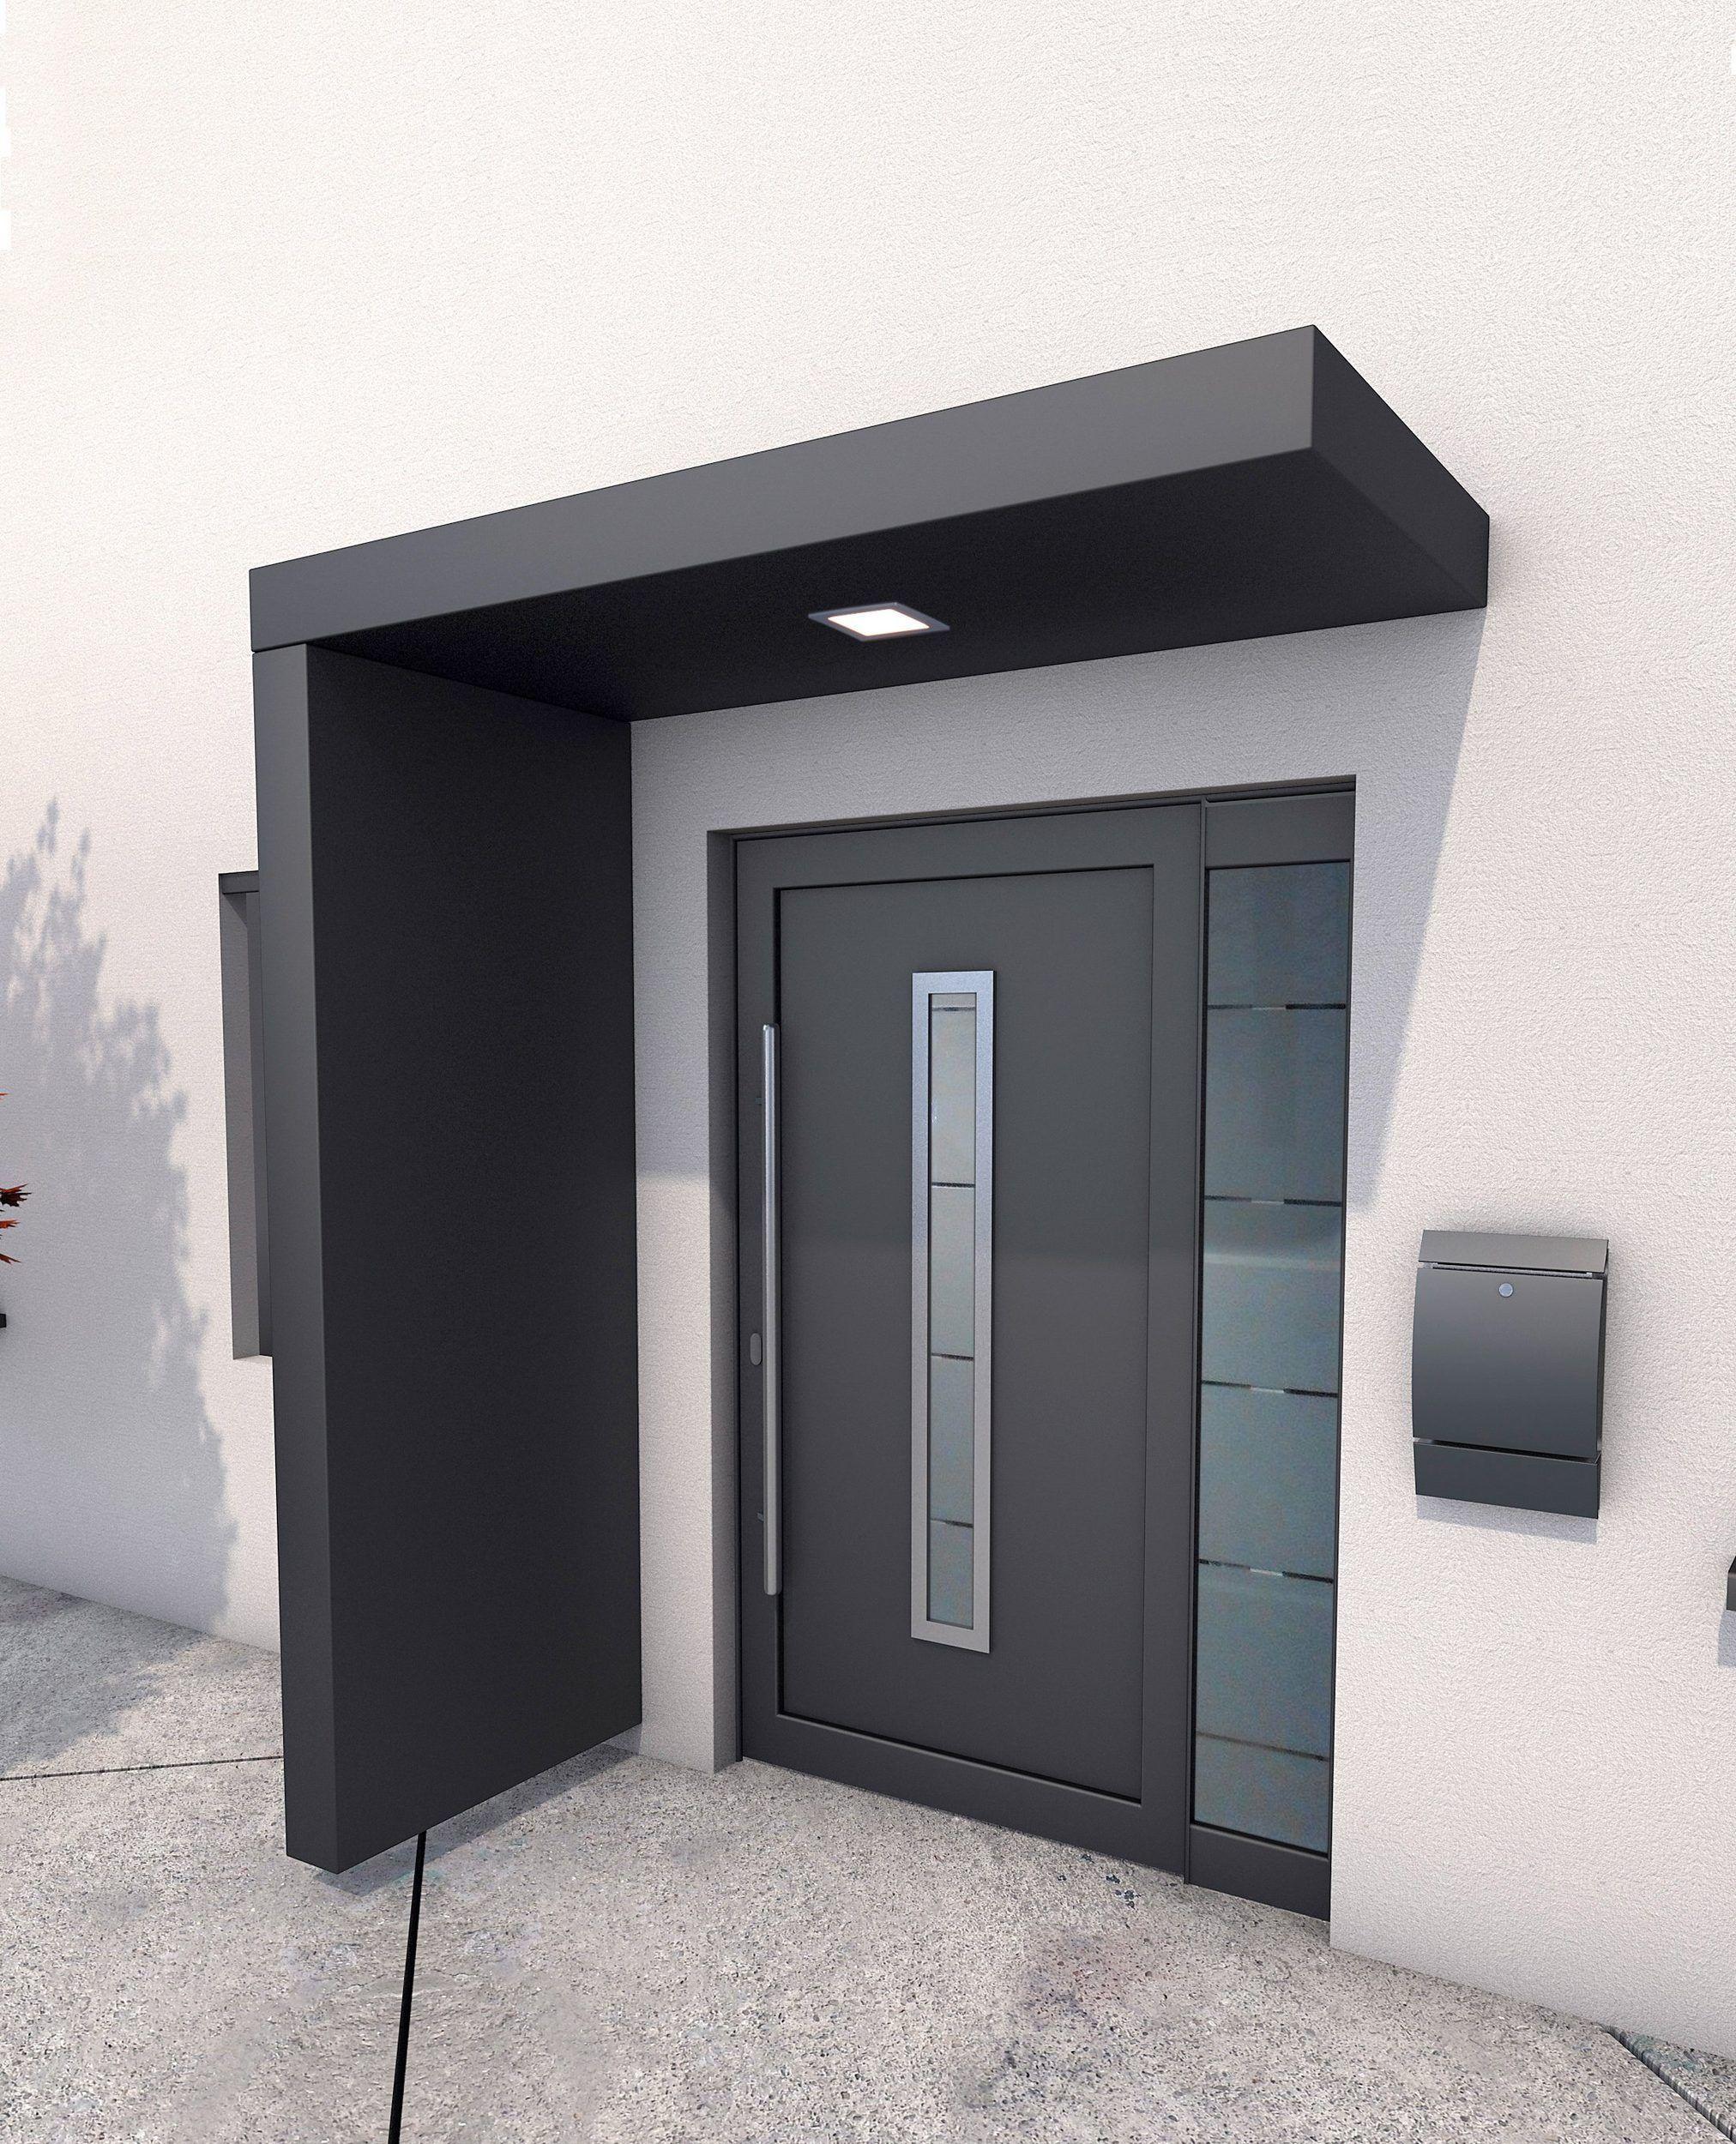 Gutta Vordach Set Bs 200 200 Cm Mit Seitenteil Aluminium Anthrazit Online Kaufen Otto In 2020 Vordach Moderne Eingangstur Moderne Haustur